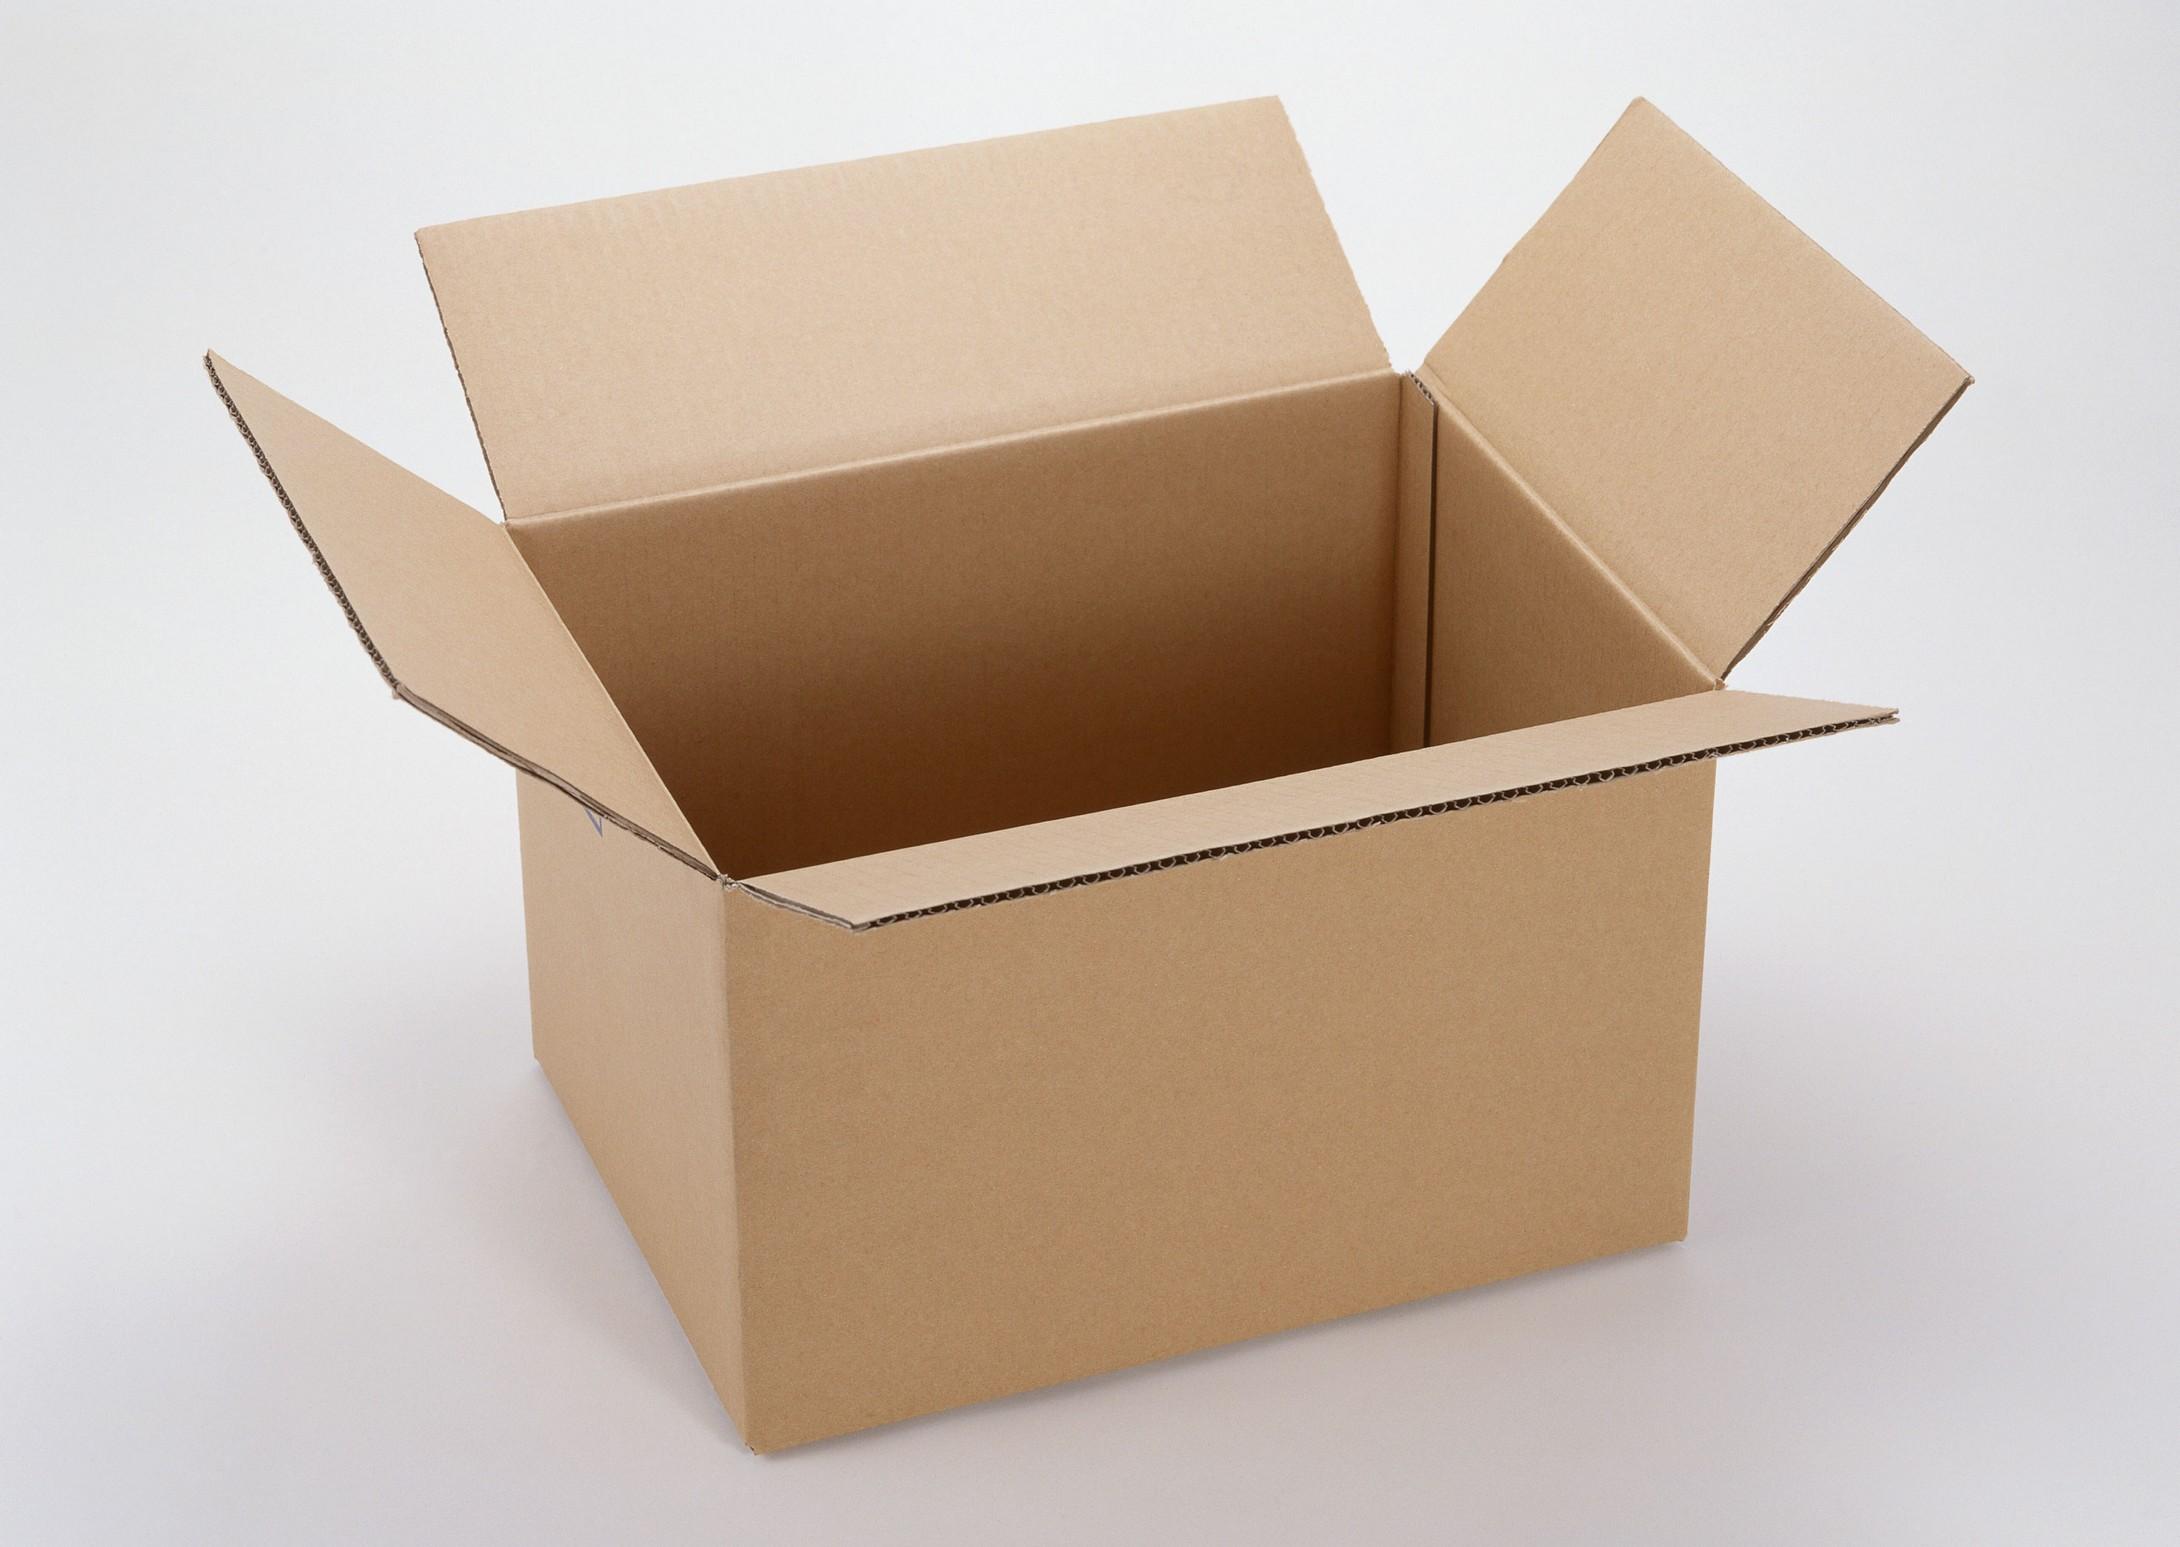 哈尔滨纸箱厂如何解决纸板S型弯翘